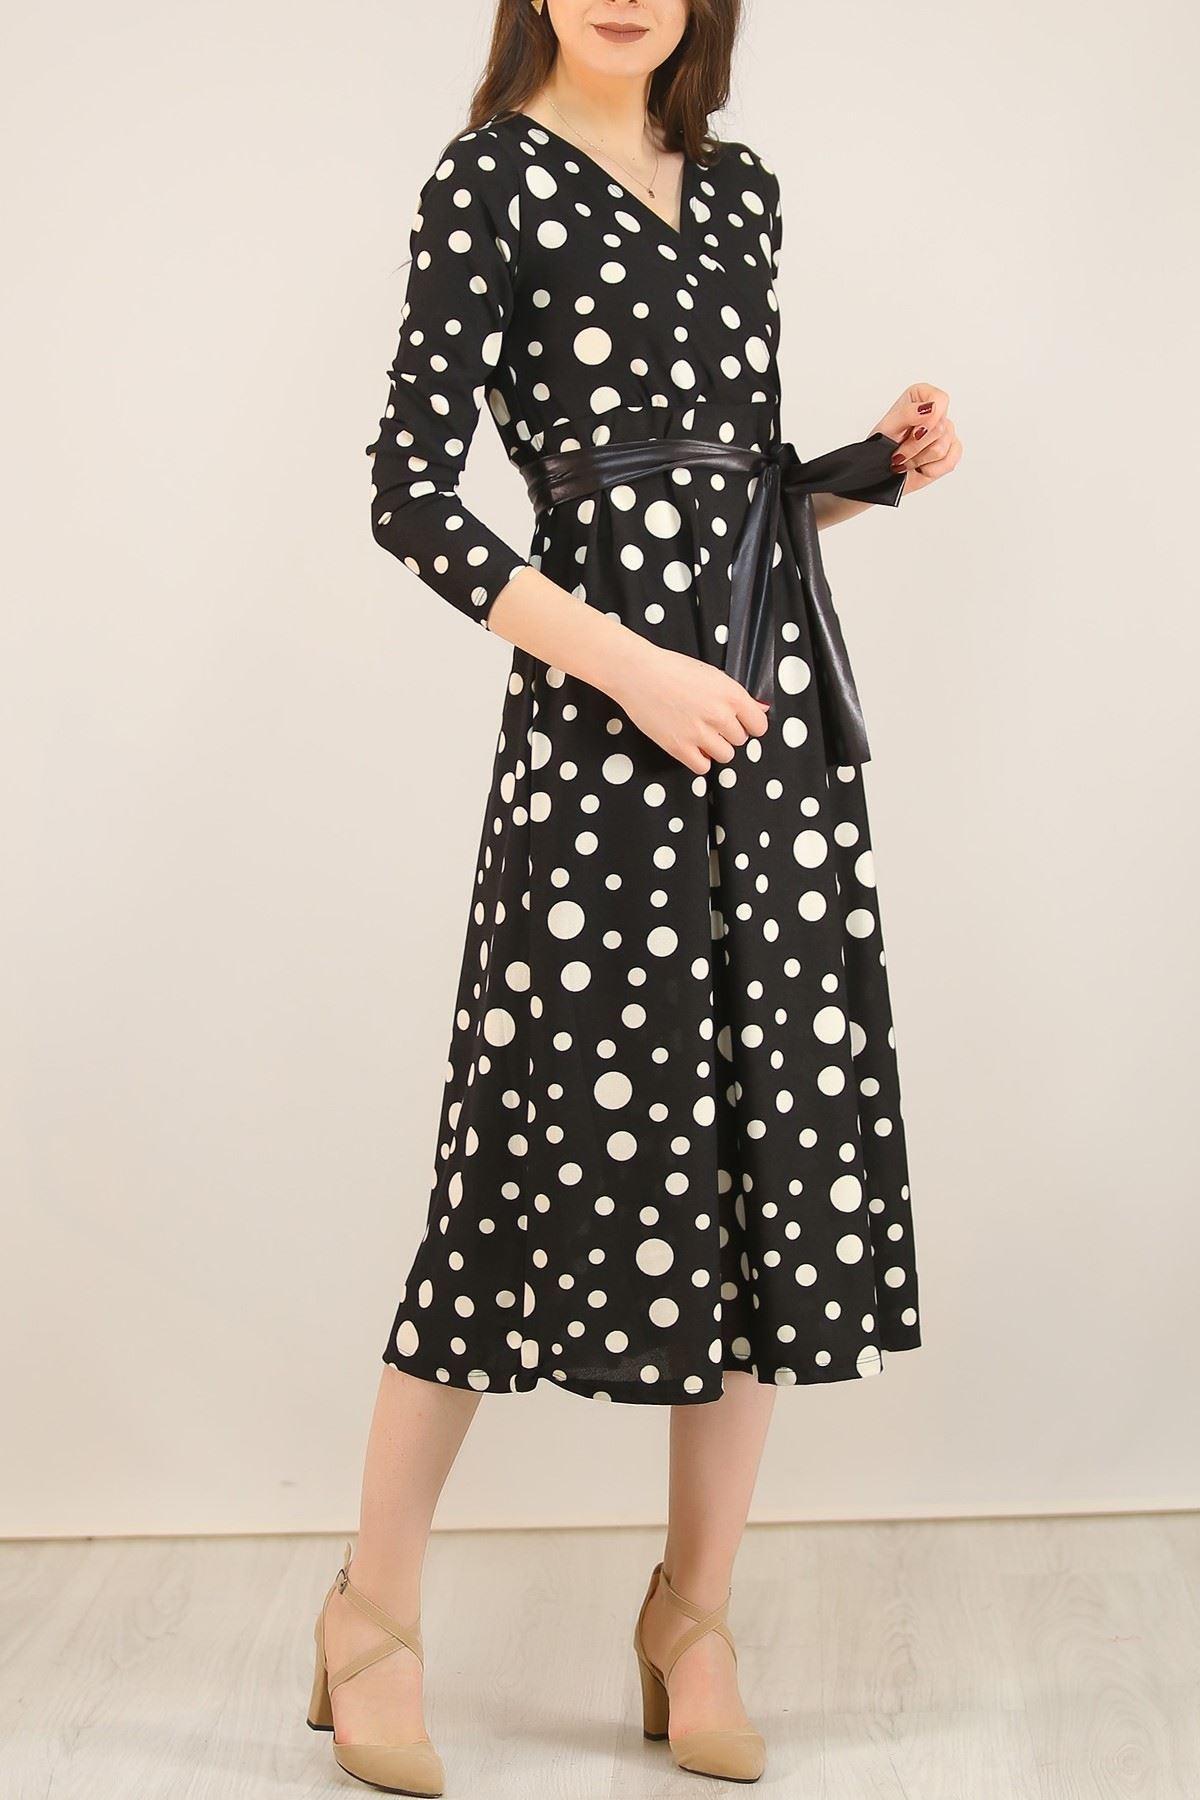 Desenli Elbise Siyahpuanlı - 5075.716.